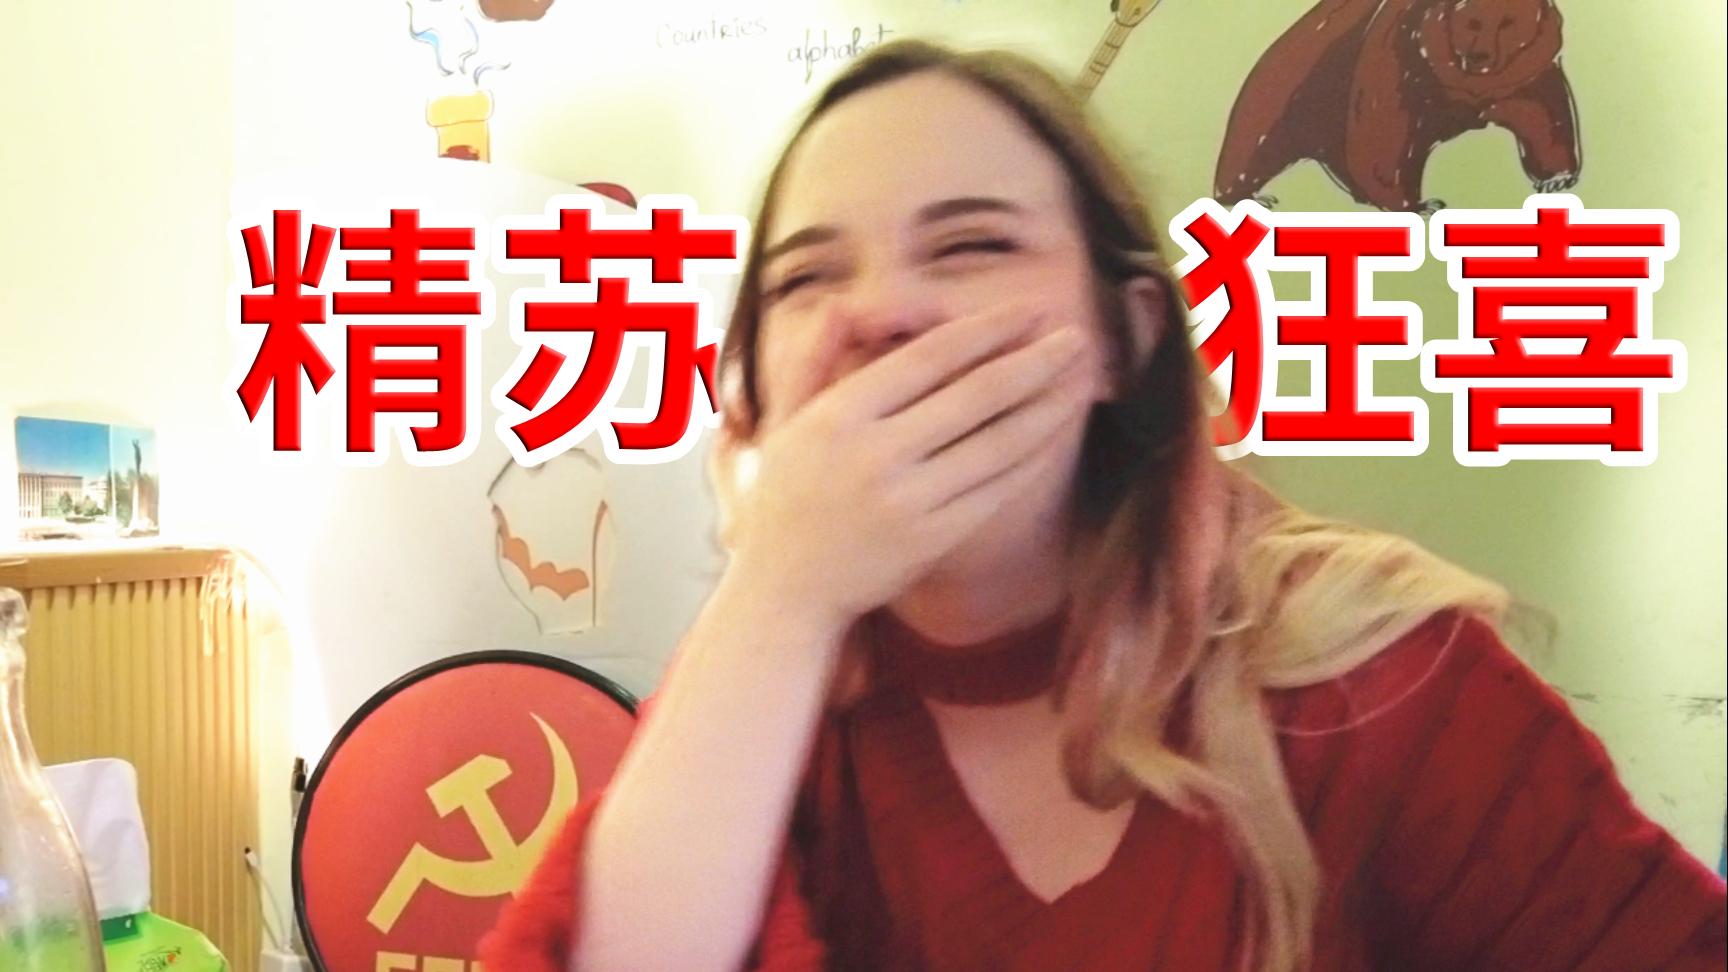 梦回苏联!中国男生带俄罗斯老婆体验苏维埃の餐厅